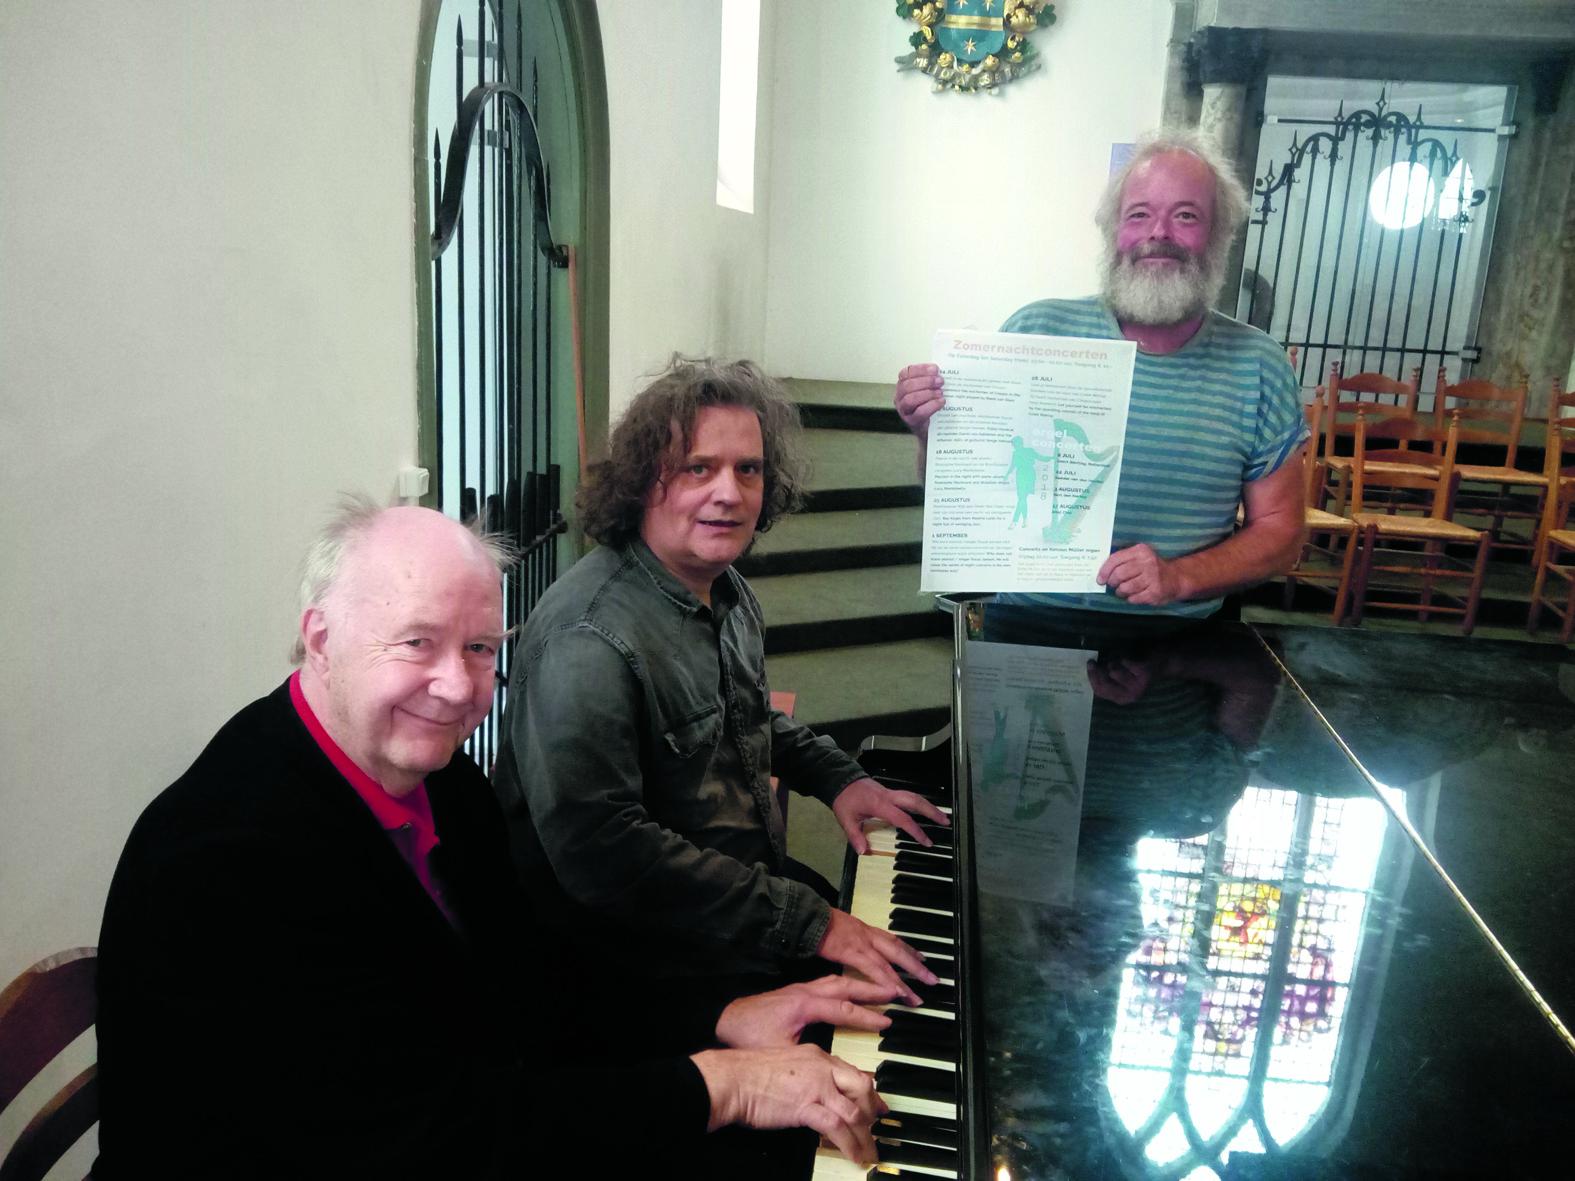 Bert Kisjes, Serge Héman en Jeroen Stam van de vereniging Grote Kerk Beverwijk. (Foto: Bos Media Services)